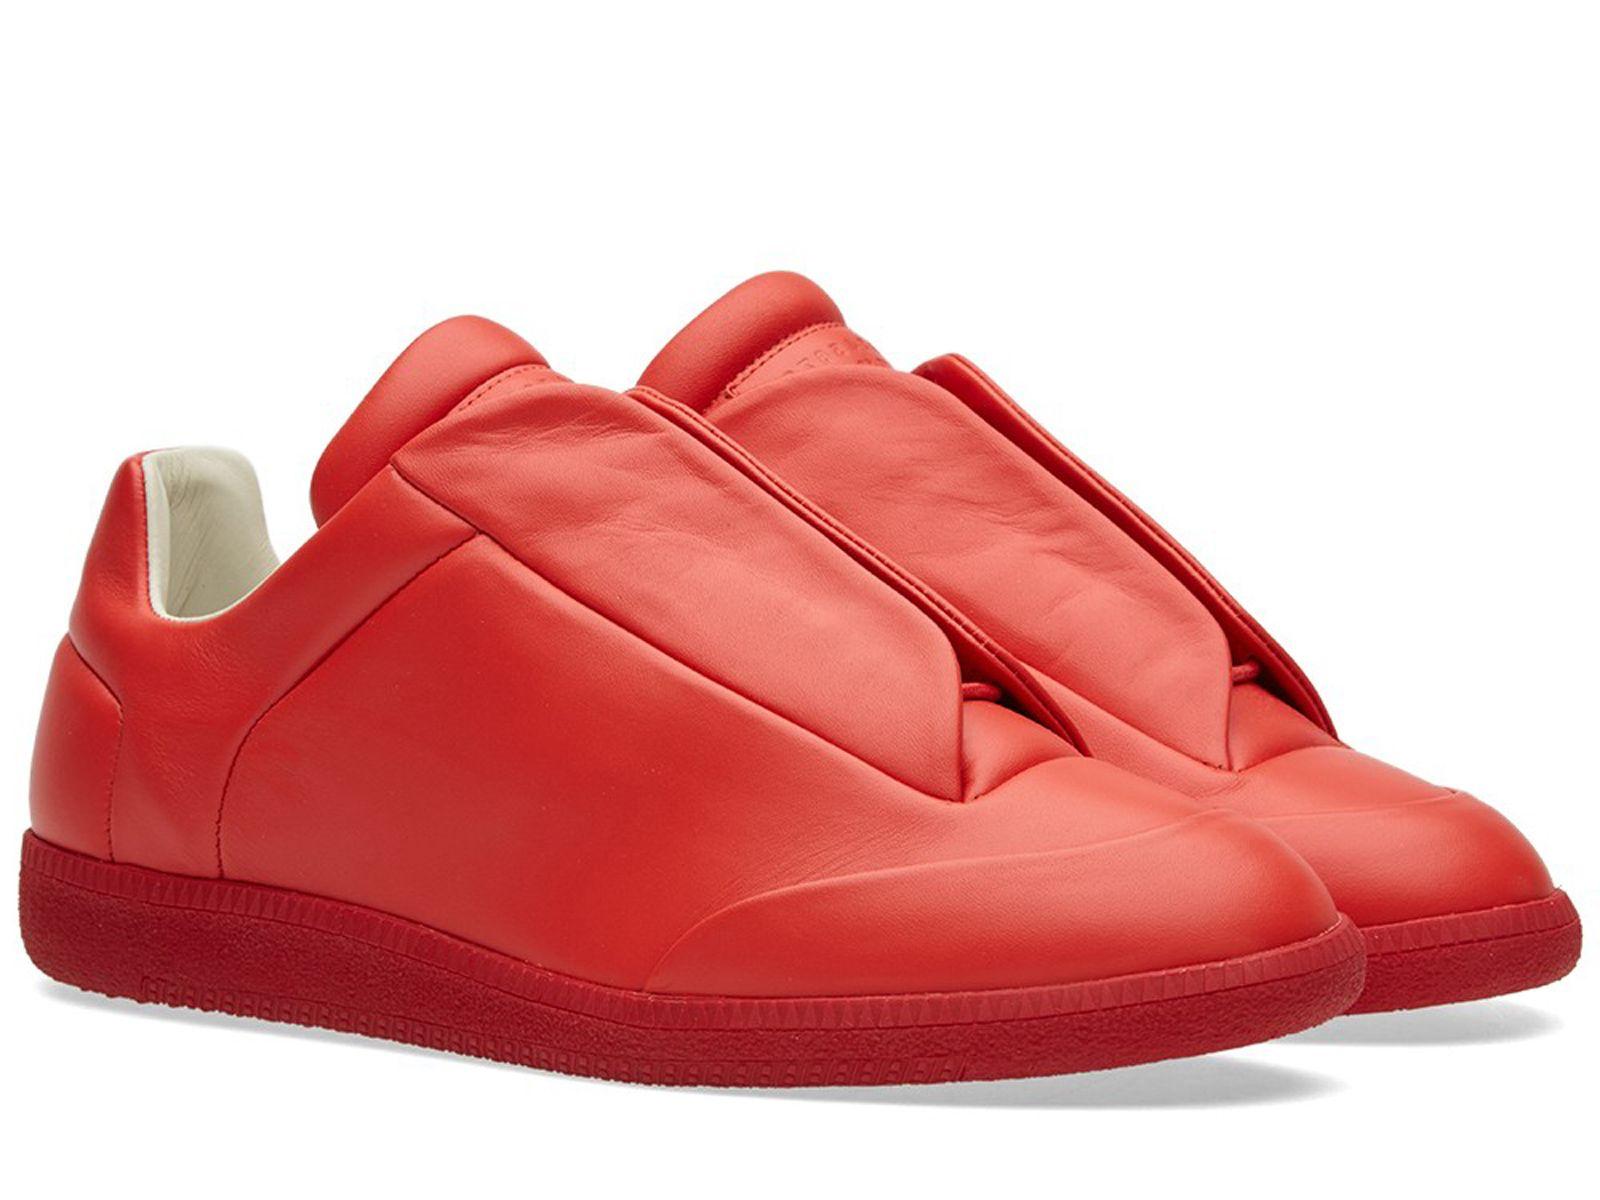 Maison Margiela Baskets Lacées Tons - Rouge JgxqhPp